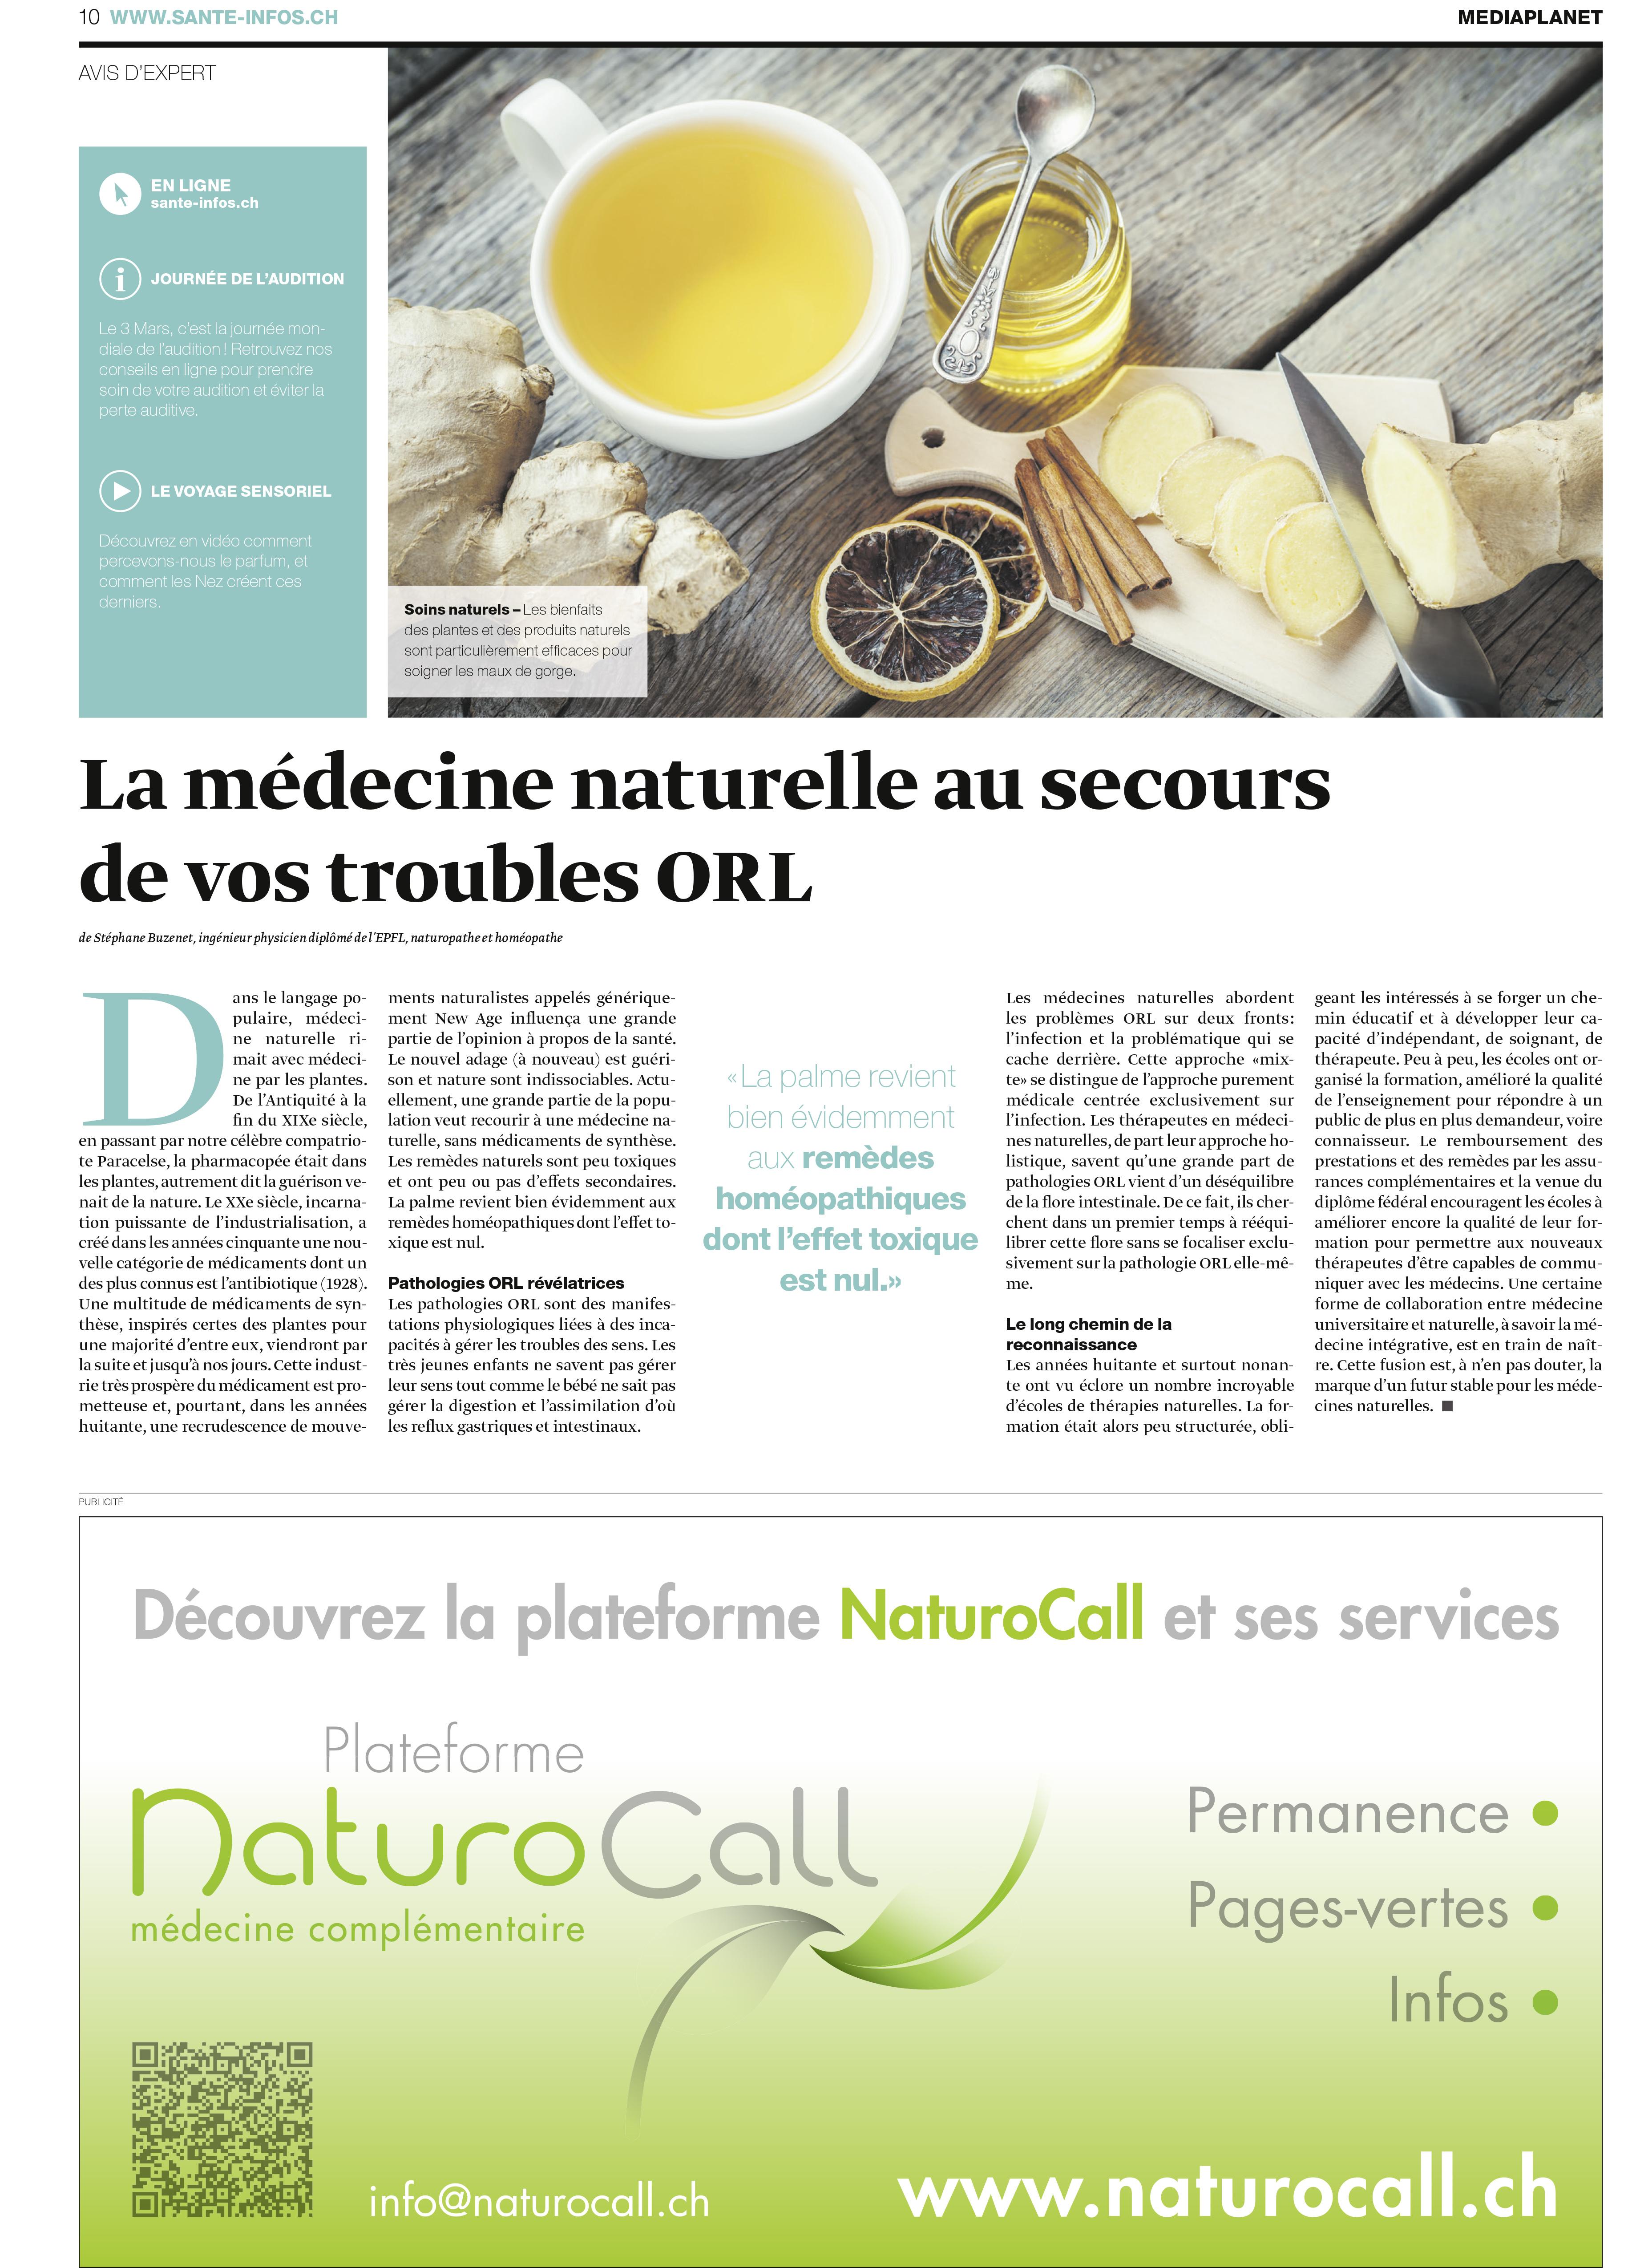 MediaPlanet : La médecine naturelle au secours de vos troubles ORL